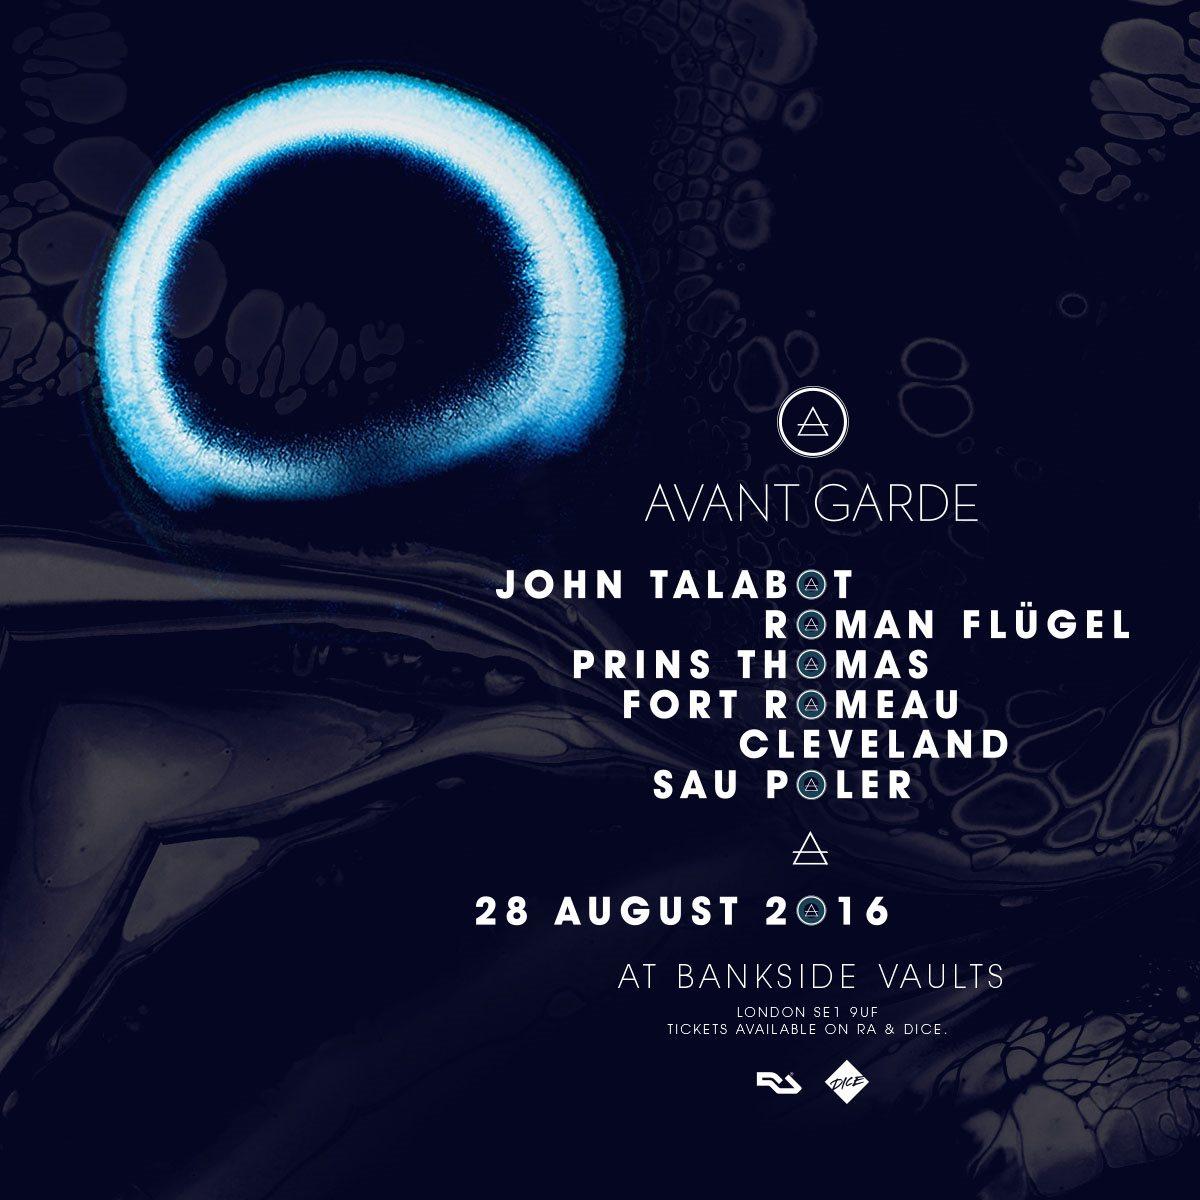 Avant Garde with John Talabot, Roman Flugel, Prins Thomas - Flyer front